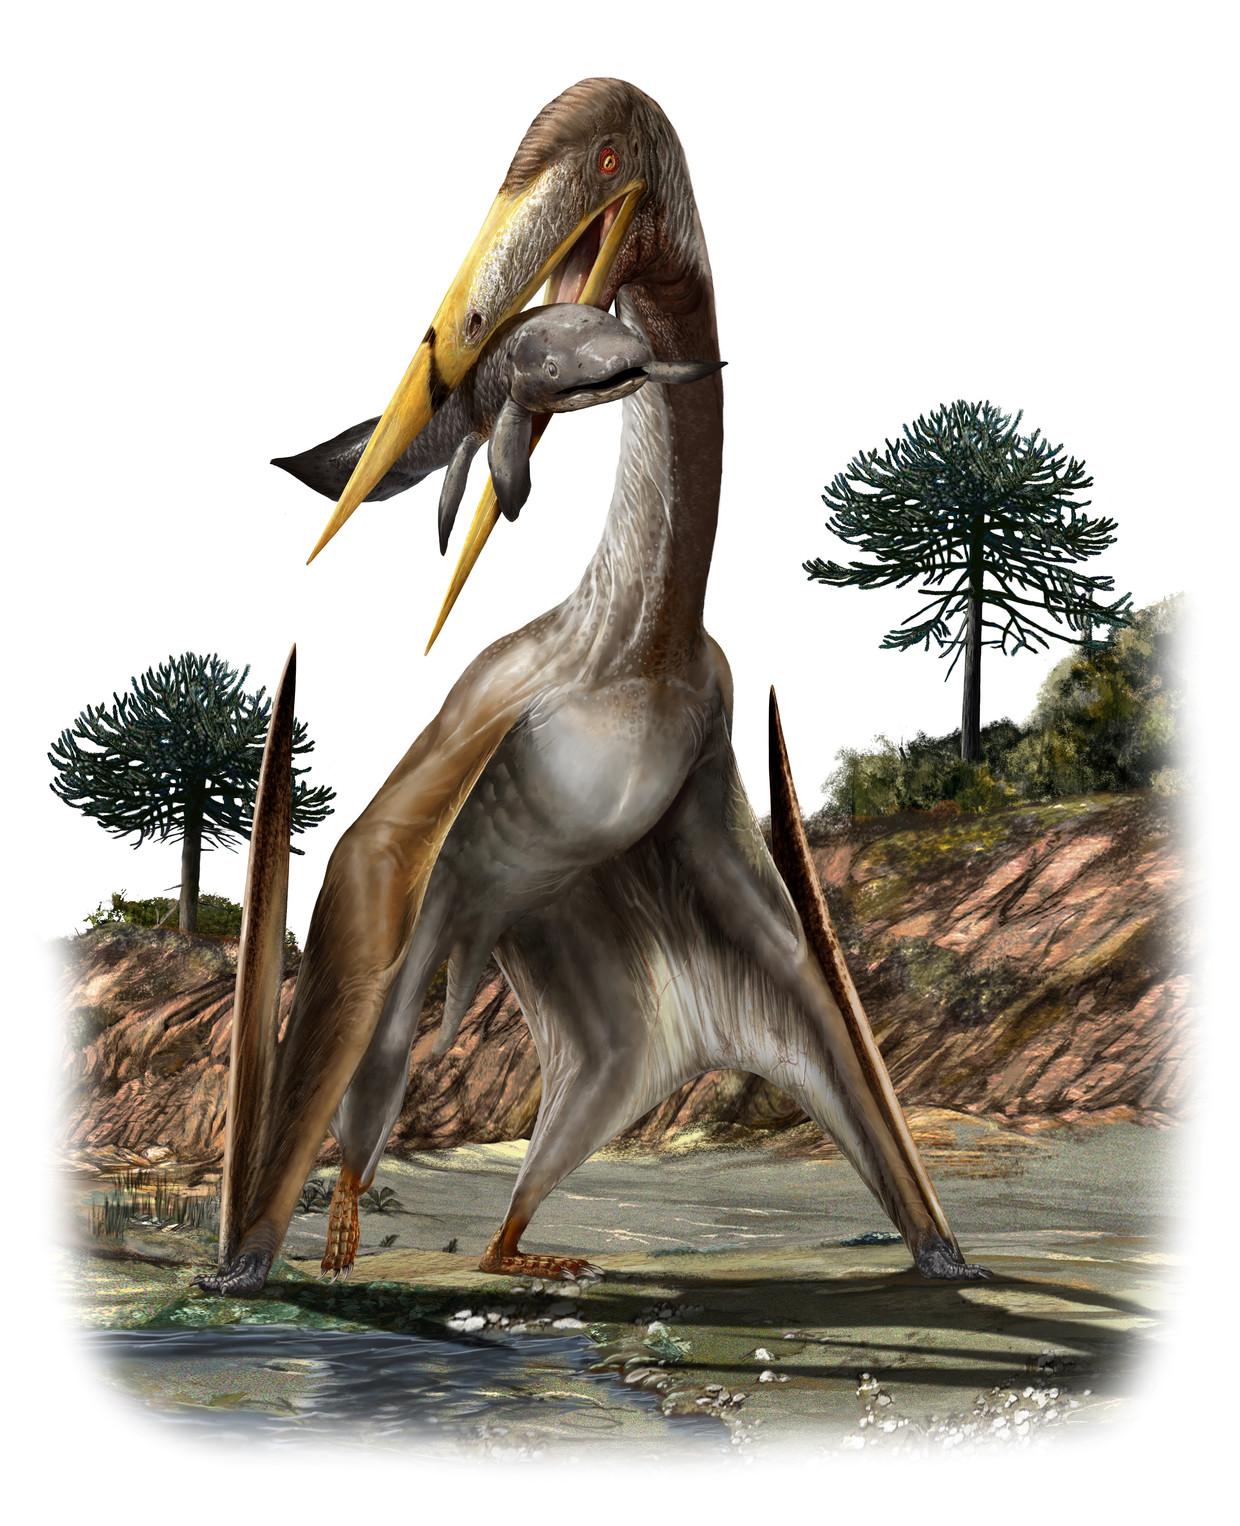 De pteroaurus, een vliegend reptiel, had een spanwijdte van 12 meter en een nek die een giraffe jaloers zou maken.